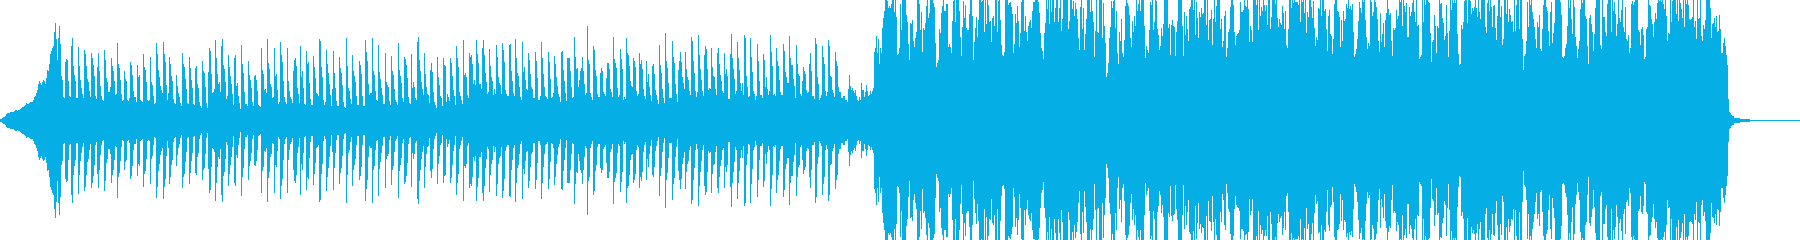 前向きで楽しげなトランスミュージックの再生済みの波形